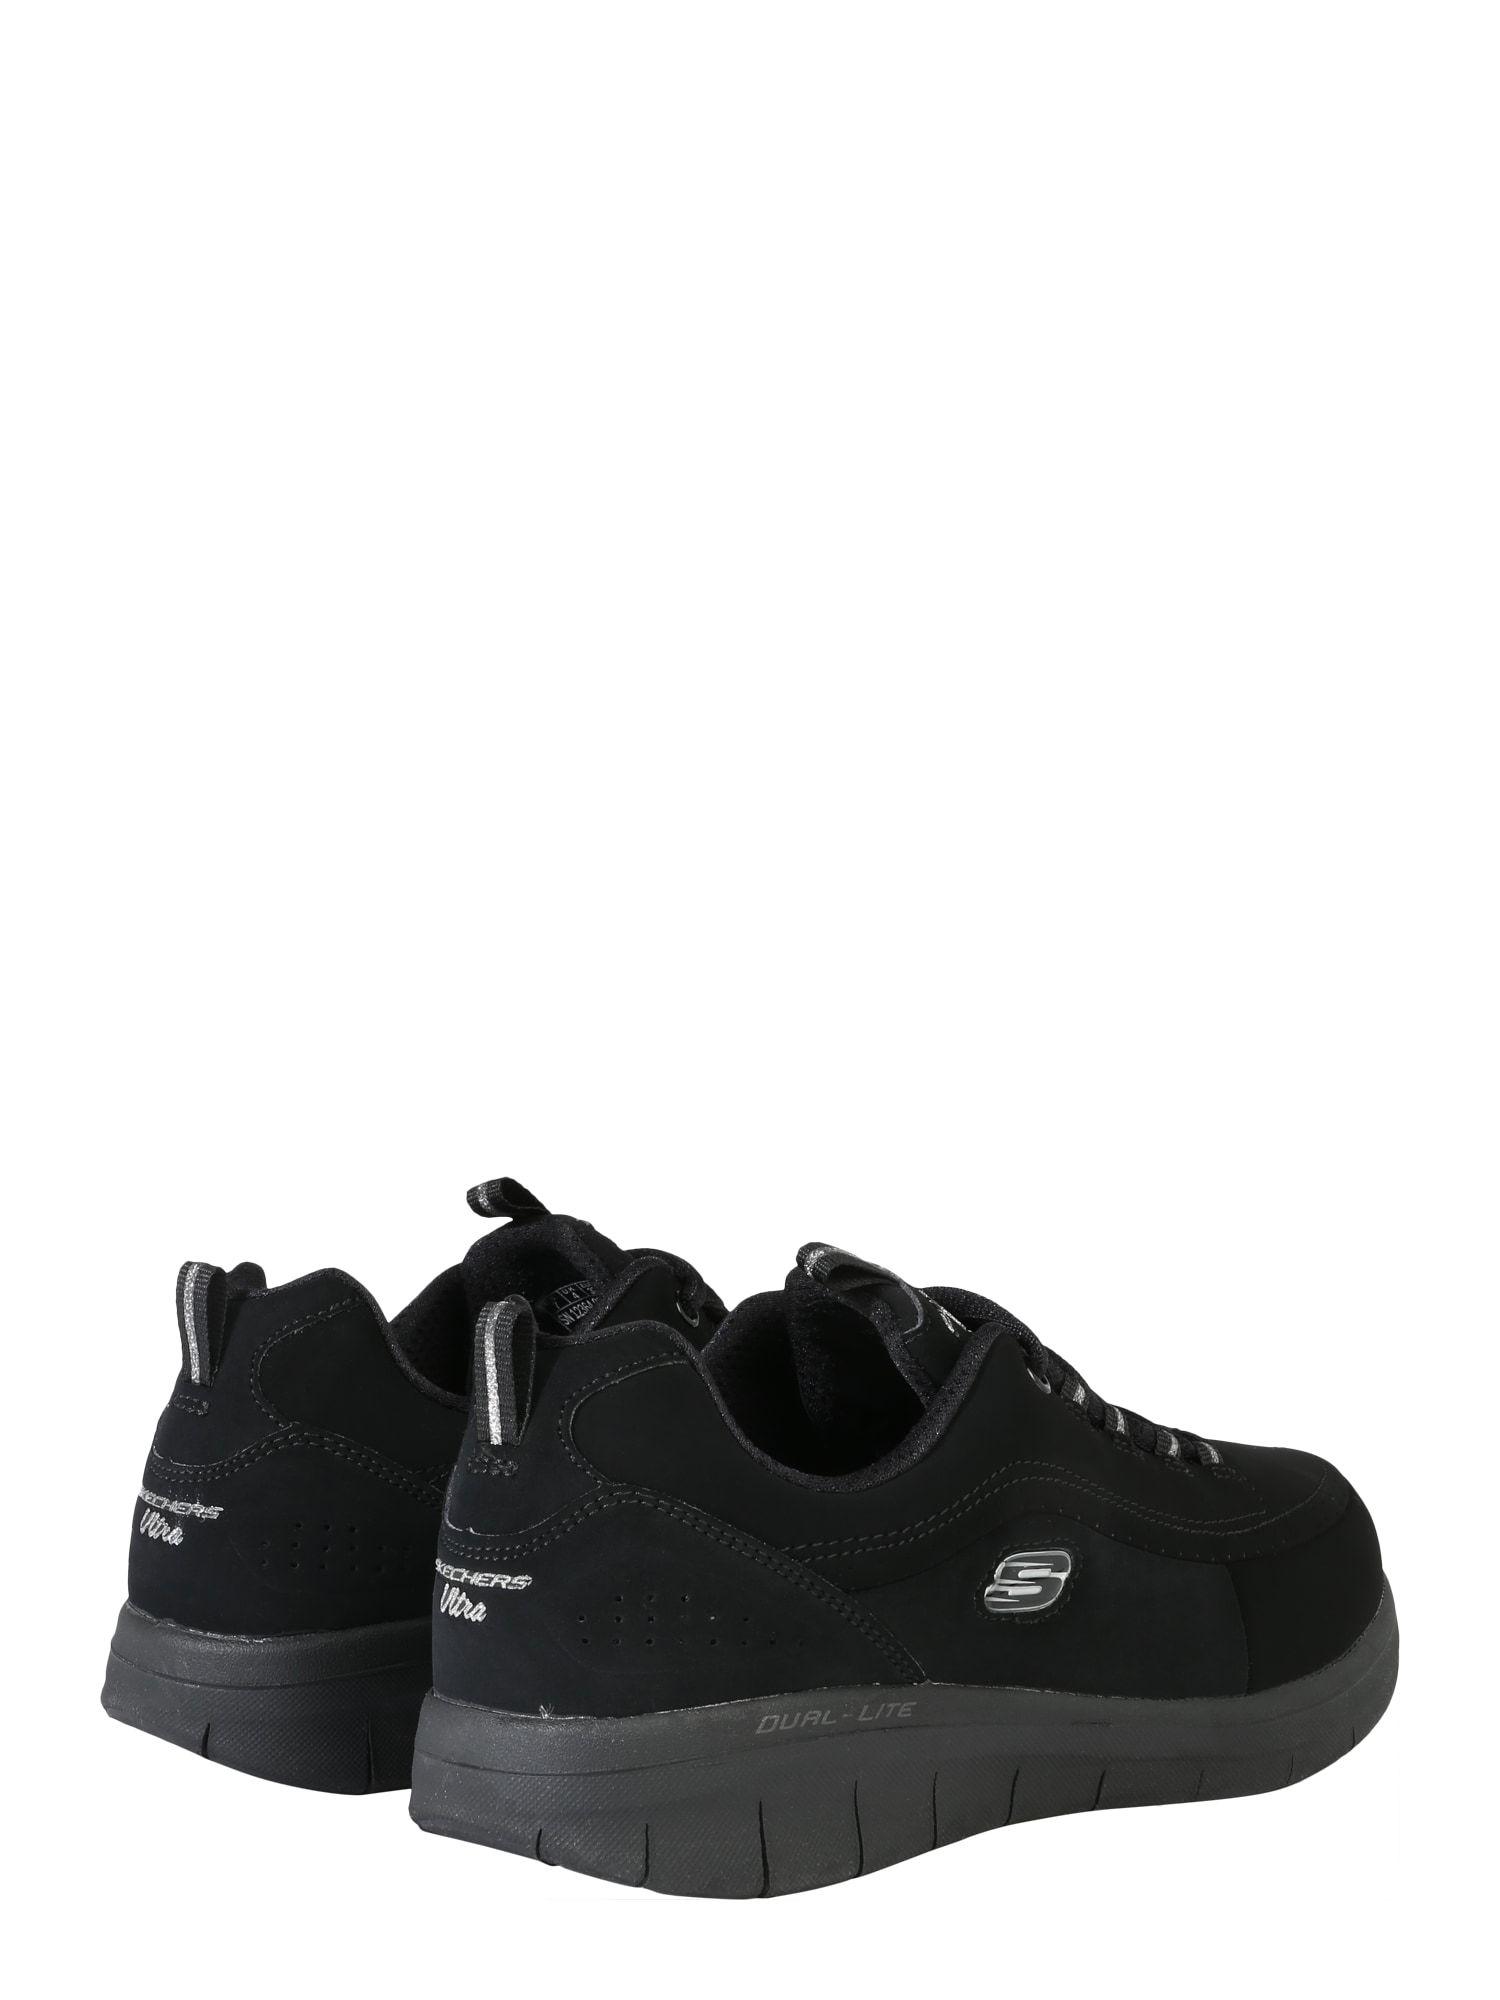 SKECHERS Sneakers 'SYNERGY 2.0 SIDE STEP' Damen, Schwarz